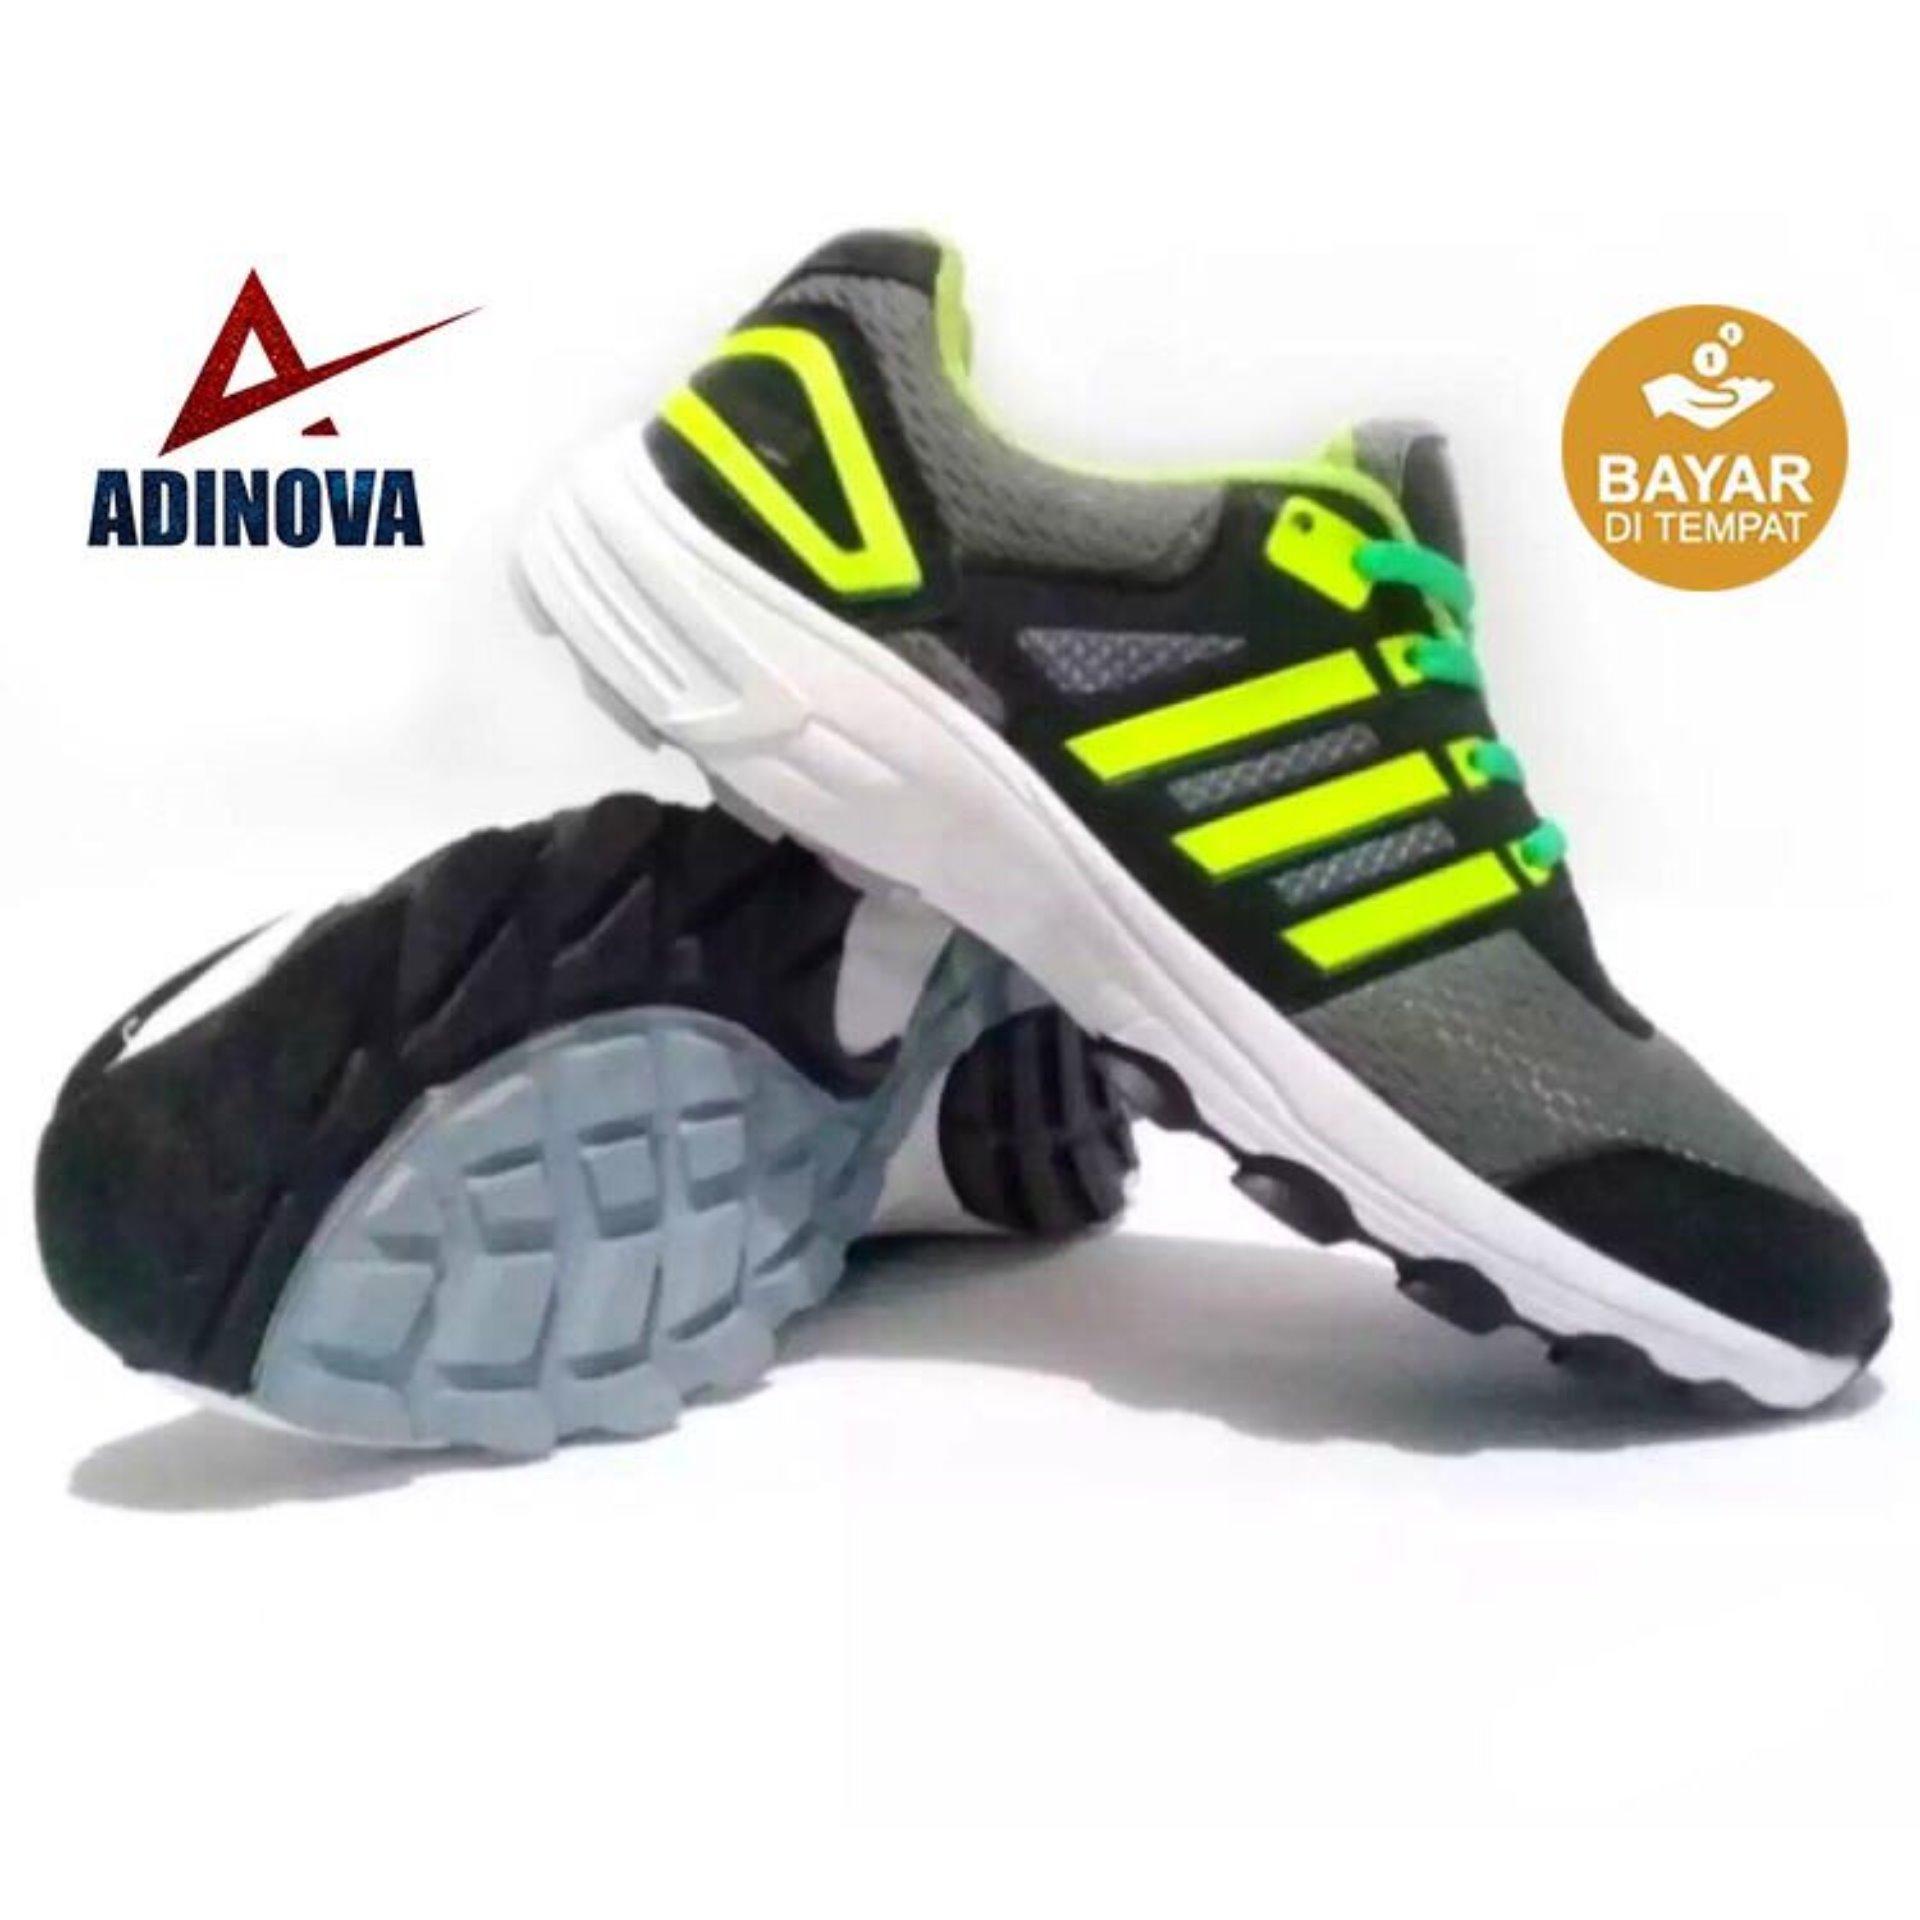 Adinova Shoes Sepatu Sport Pria Sepatu Sneaker Pria   Sepatu Olahraga Sepatu  Lari  bd3b4f29b7